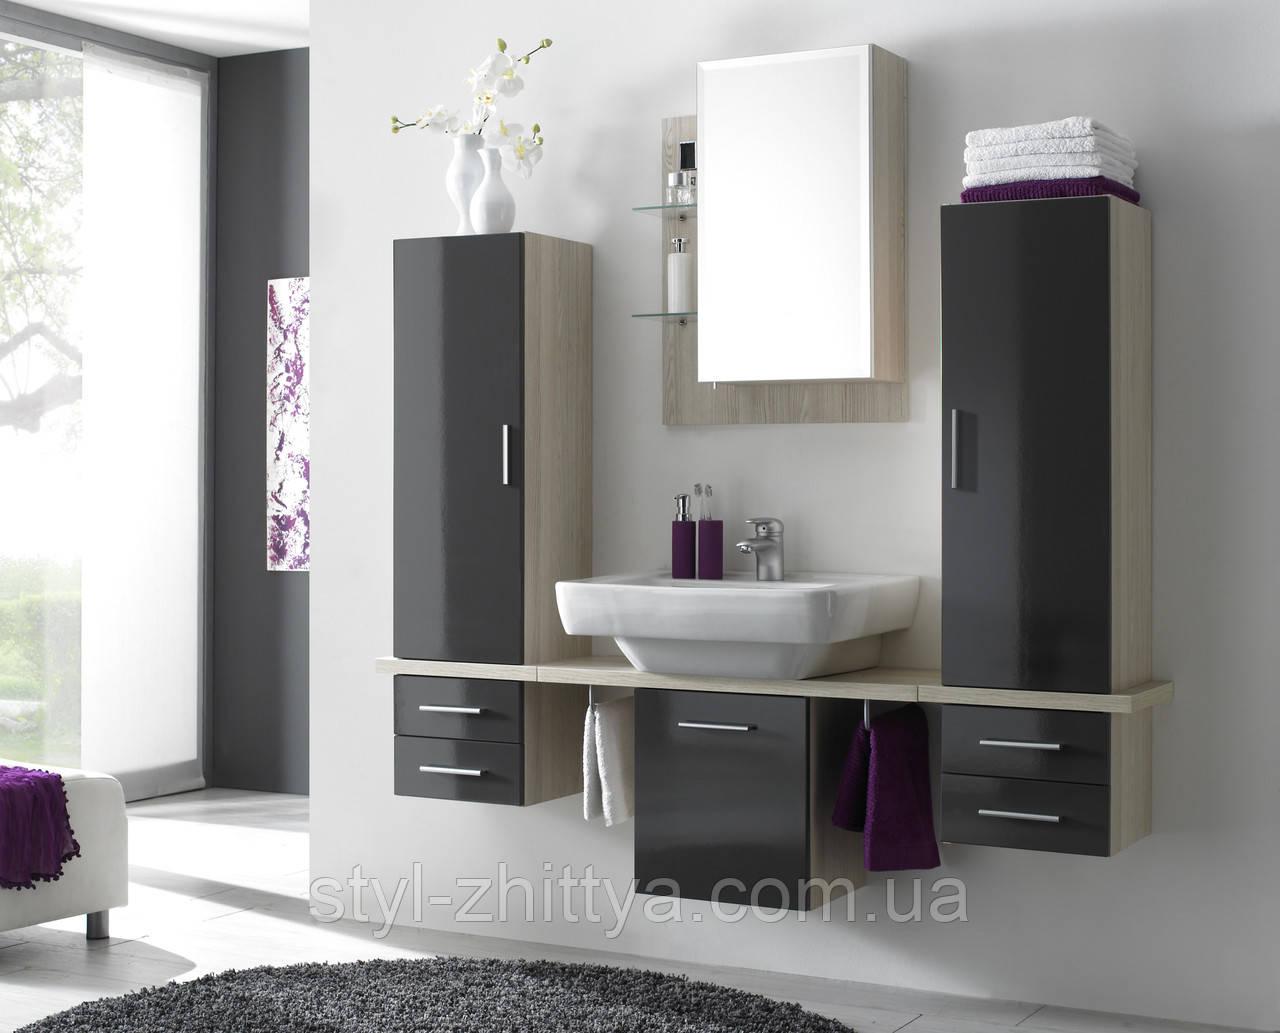 Набір для ванної кімнати глянцевий КАРІНА , два кольори